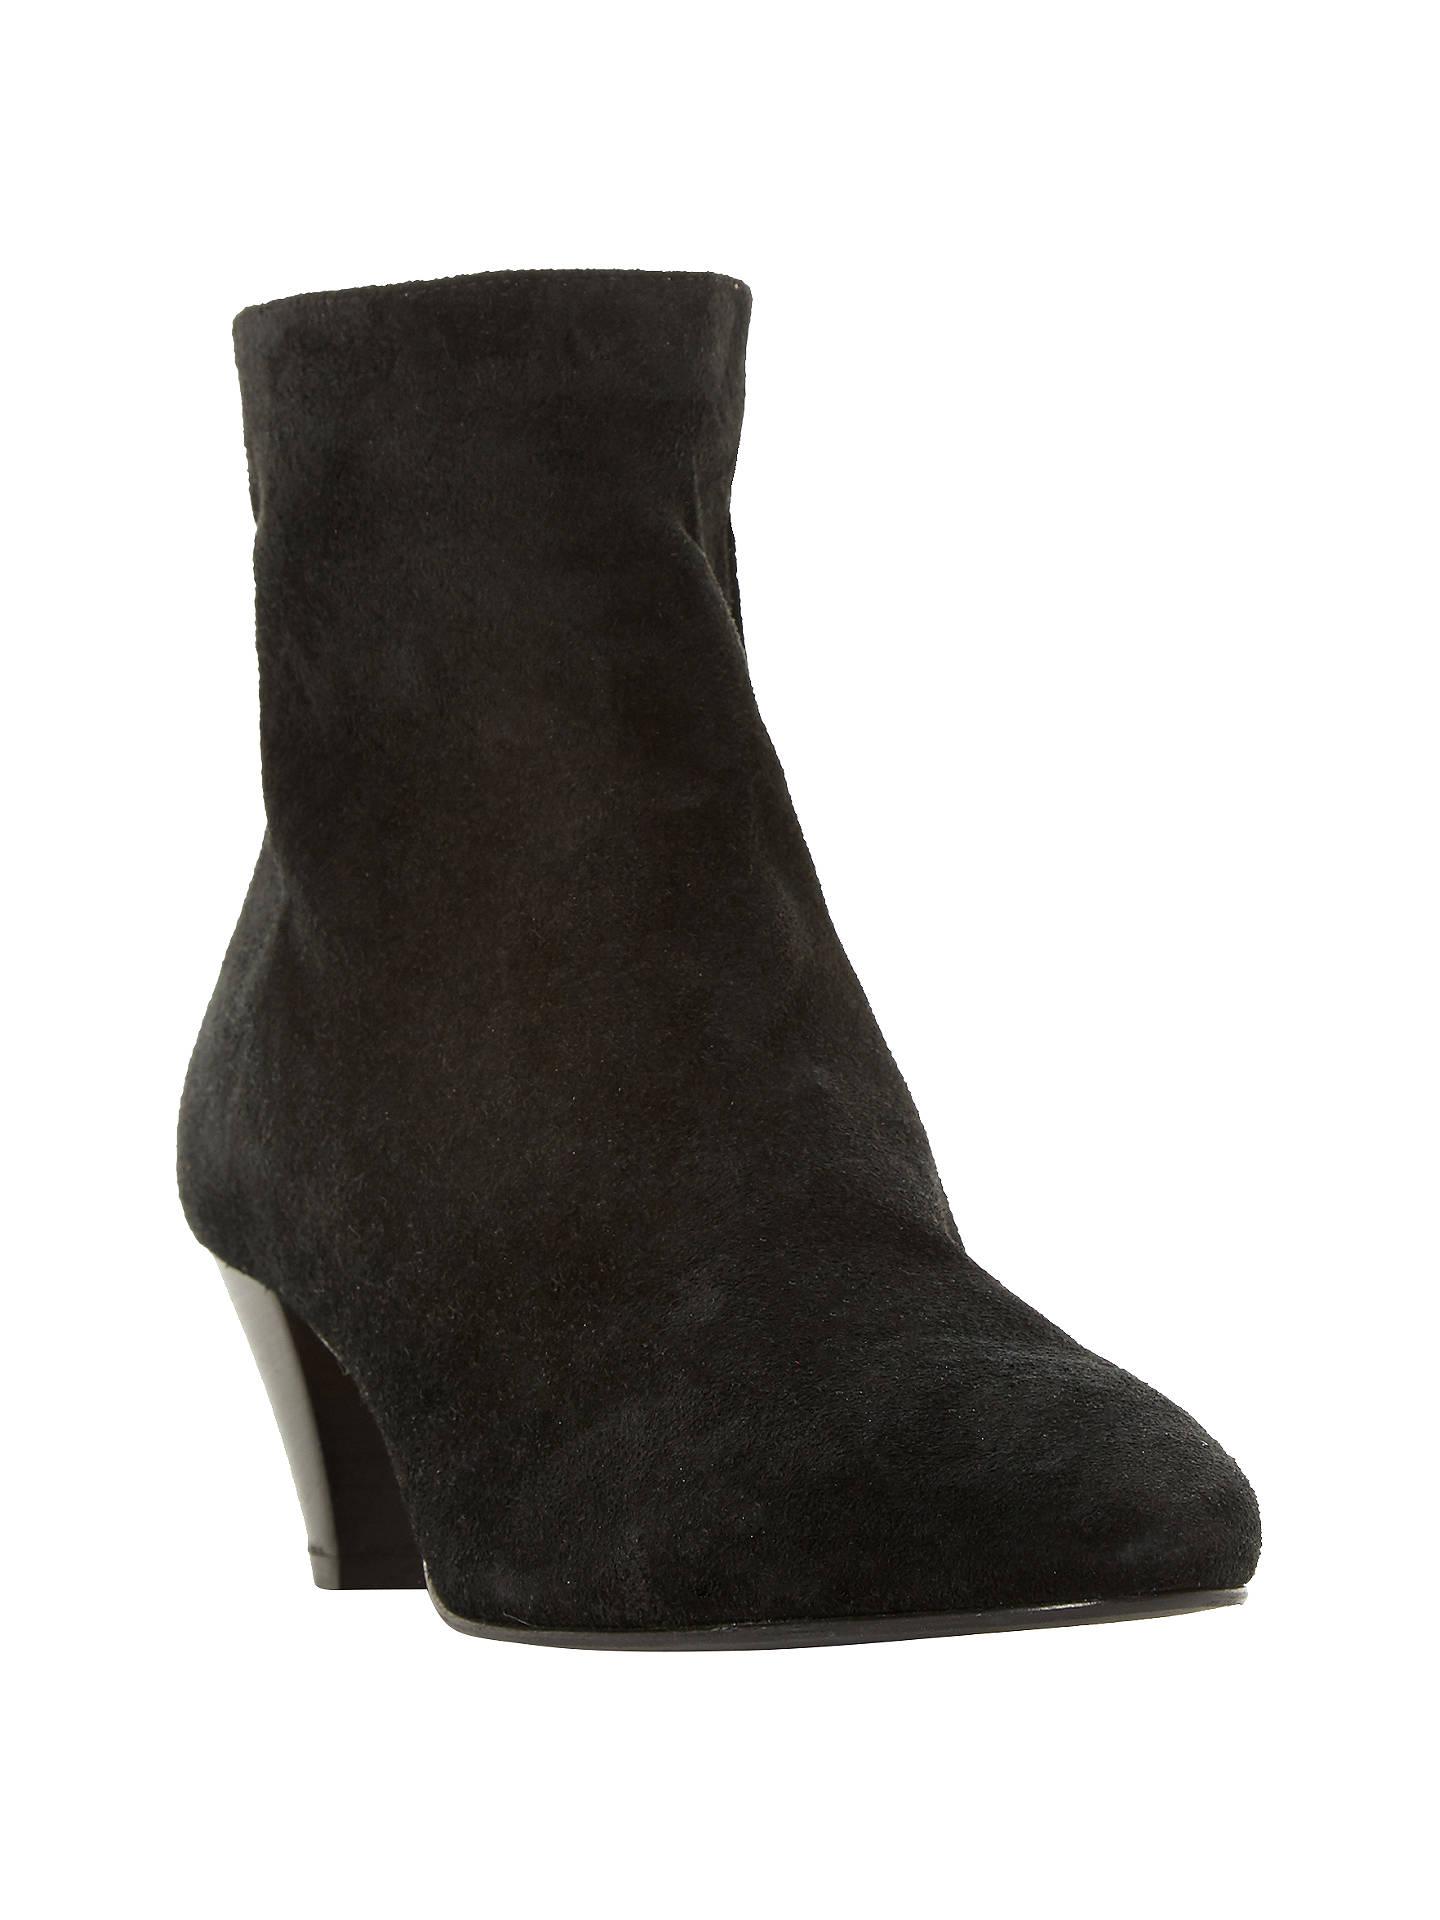 cfbfc73cb6d Buy Dune Black Olyve Kitten Heel Ankle Boots